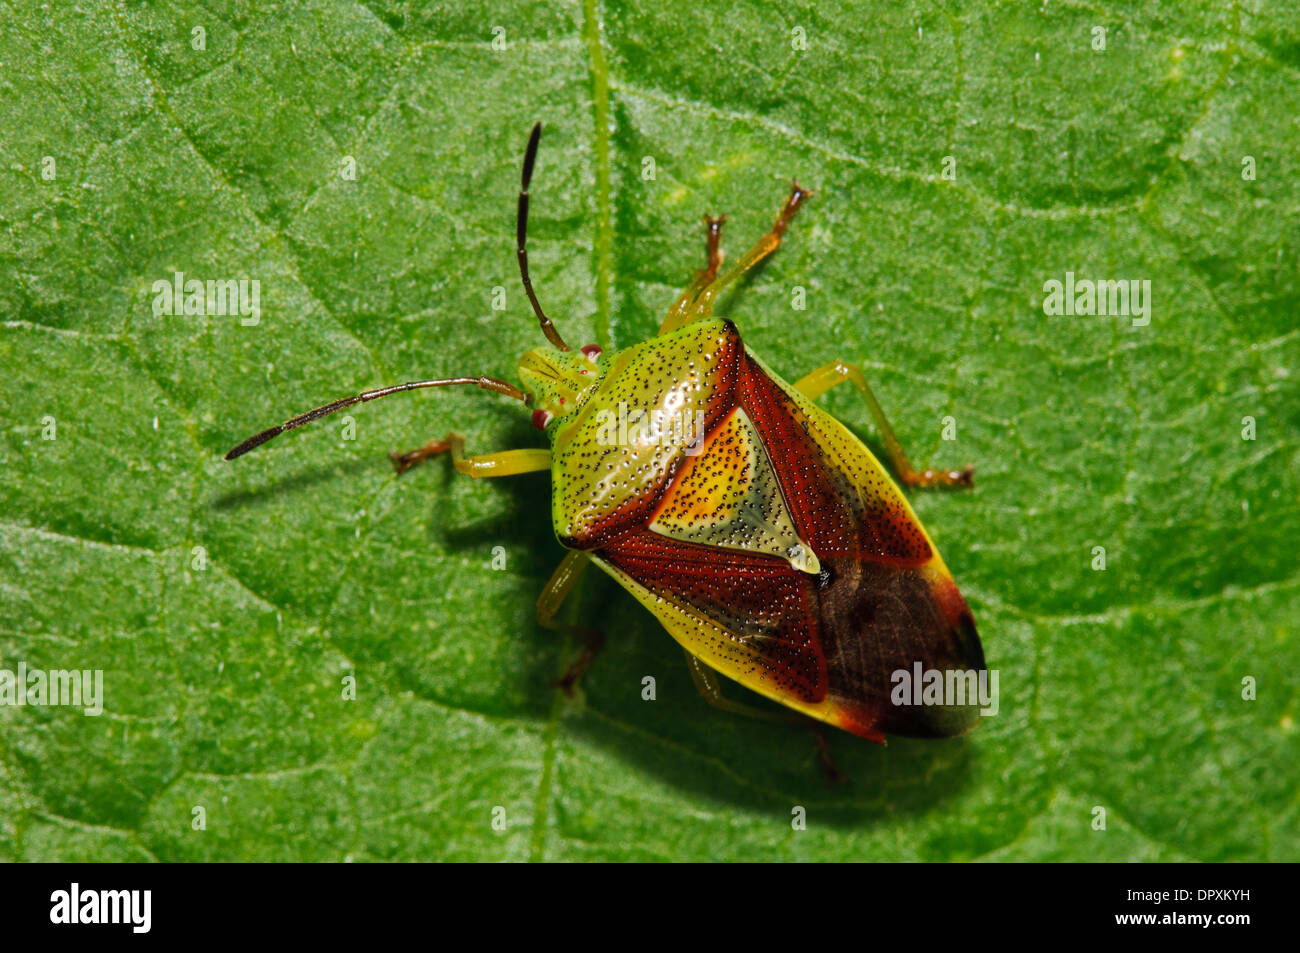 Protezione di betulla Bug (Elasmostethus interstinctus), Adulto a piedi attraverso una foglia in un giardino in Bexleyheath Kent. Agosto. Immagini Stock